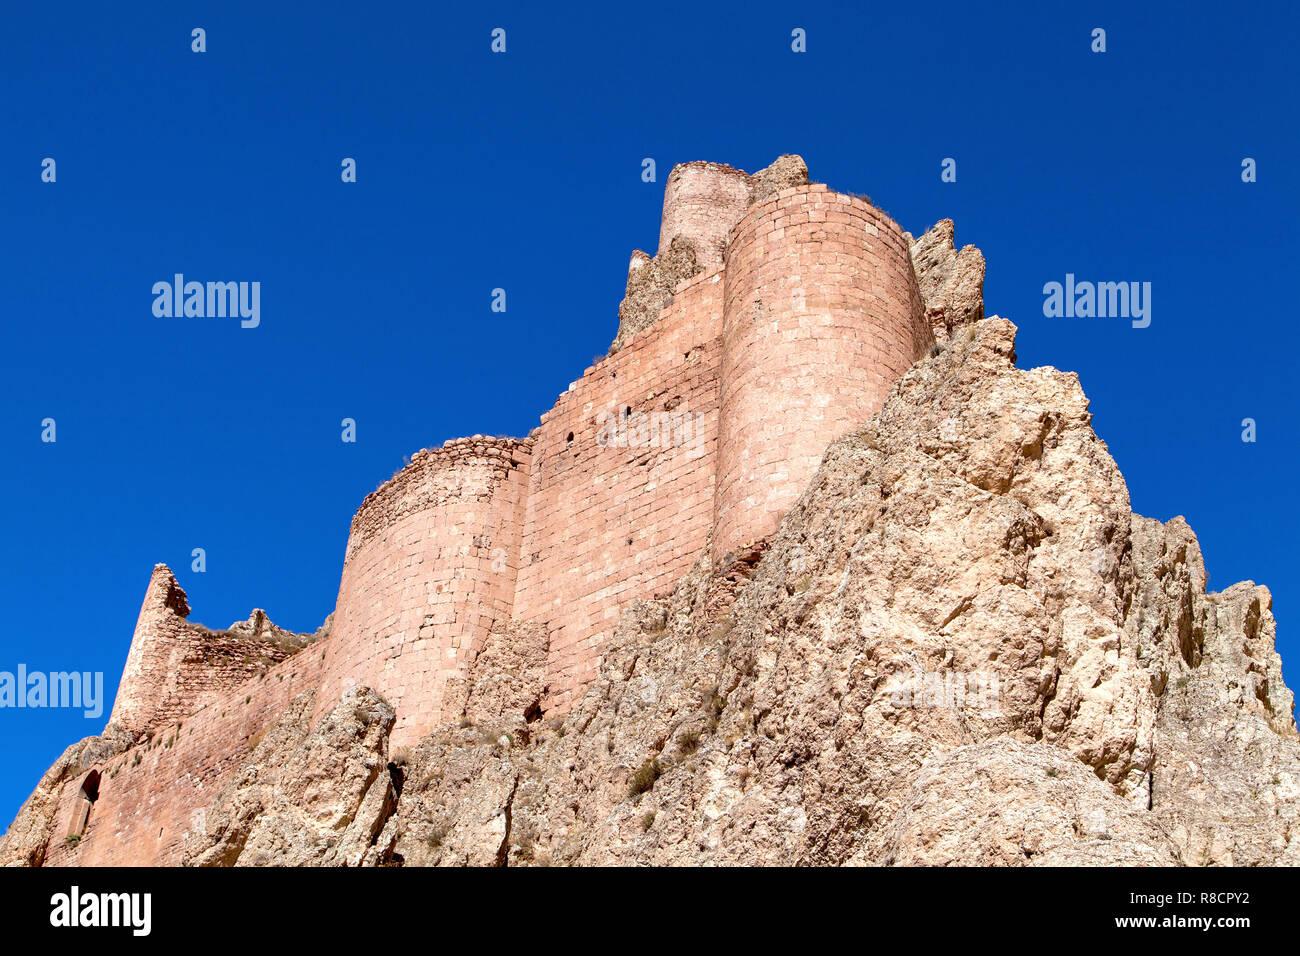 Dogubeyazit Ishak Pasha Palace and Castle Stock Photo